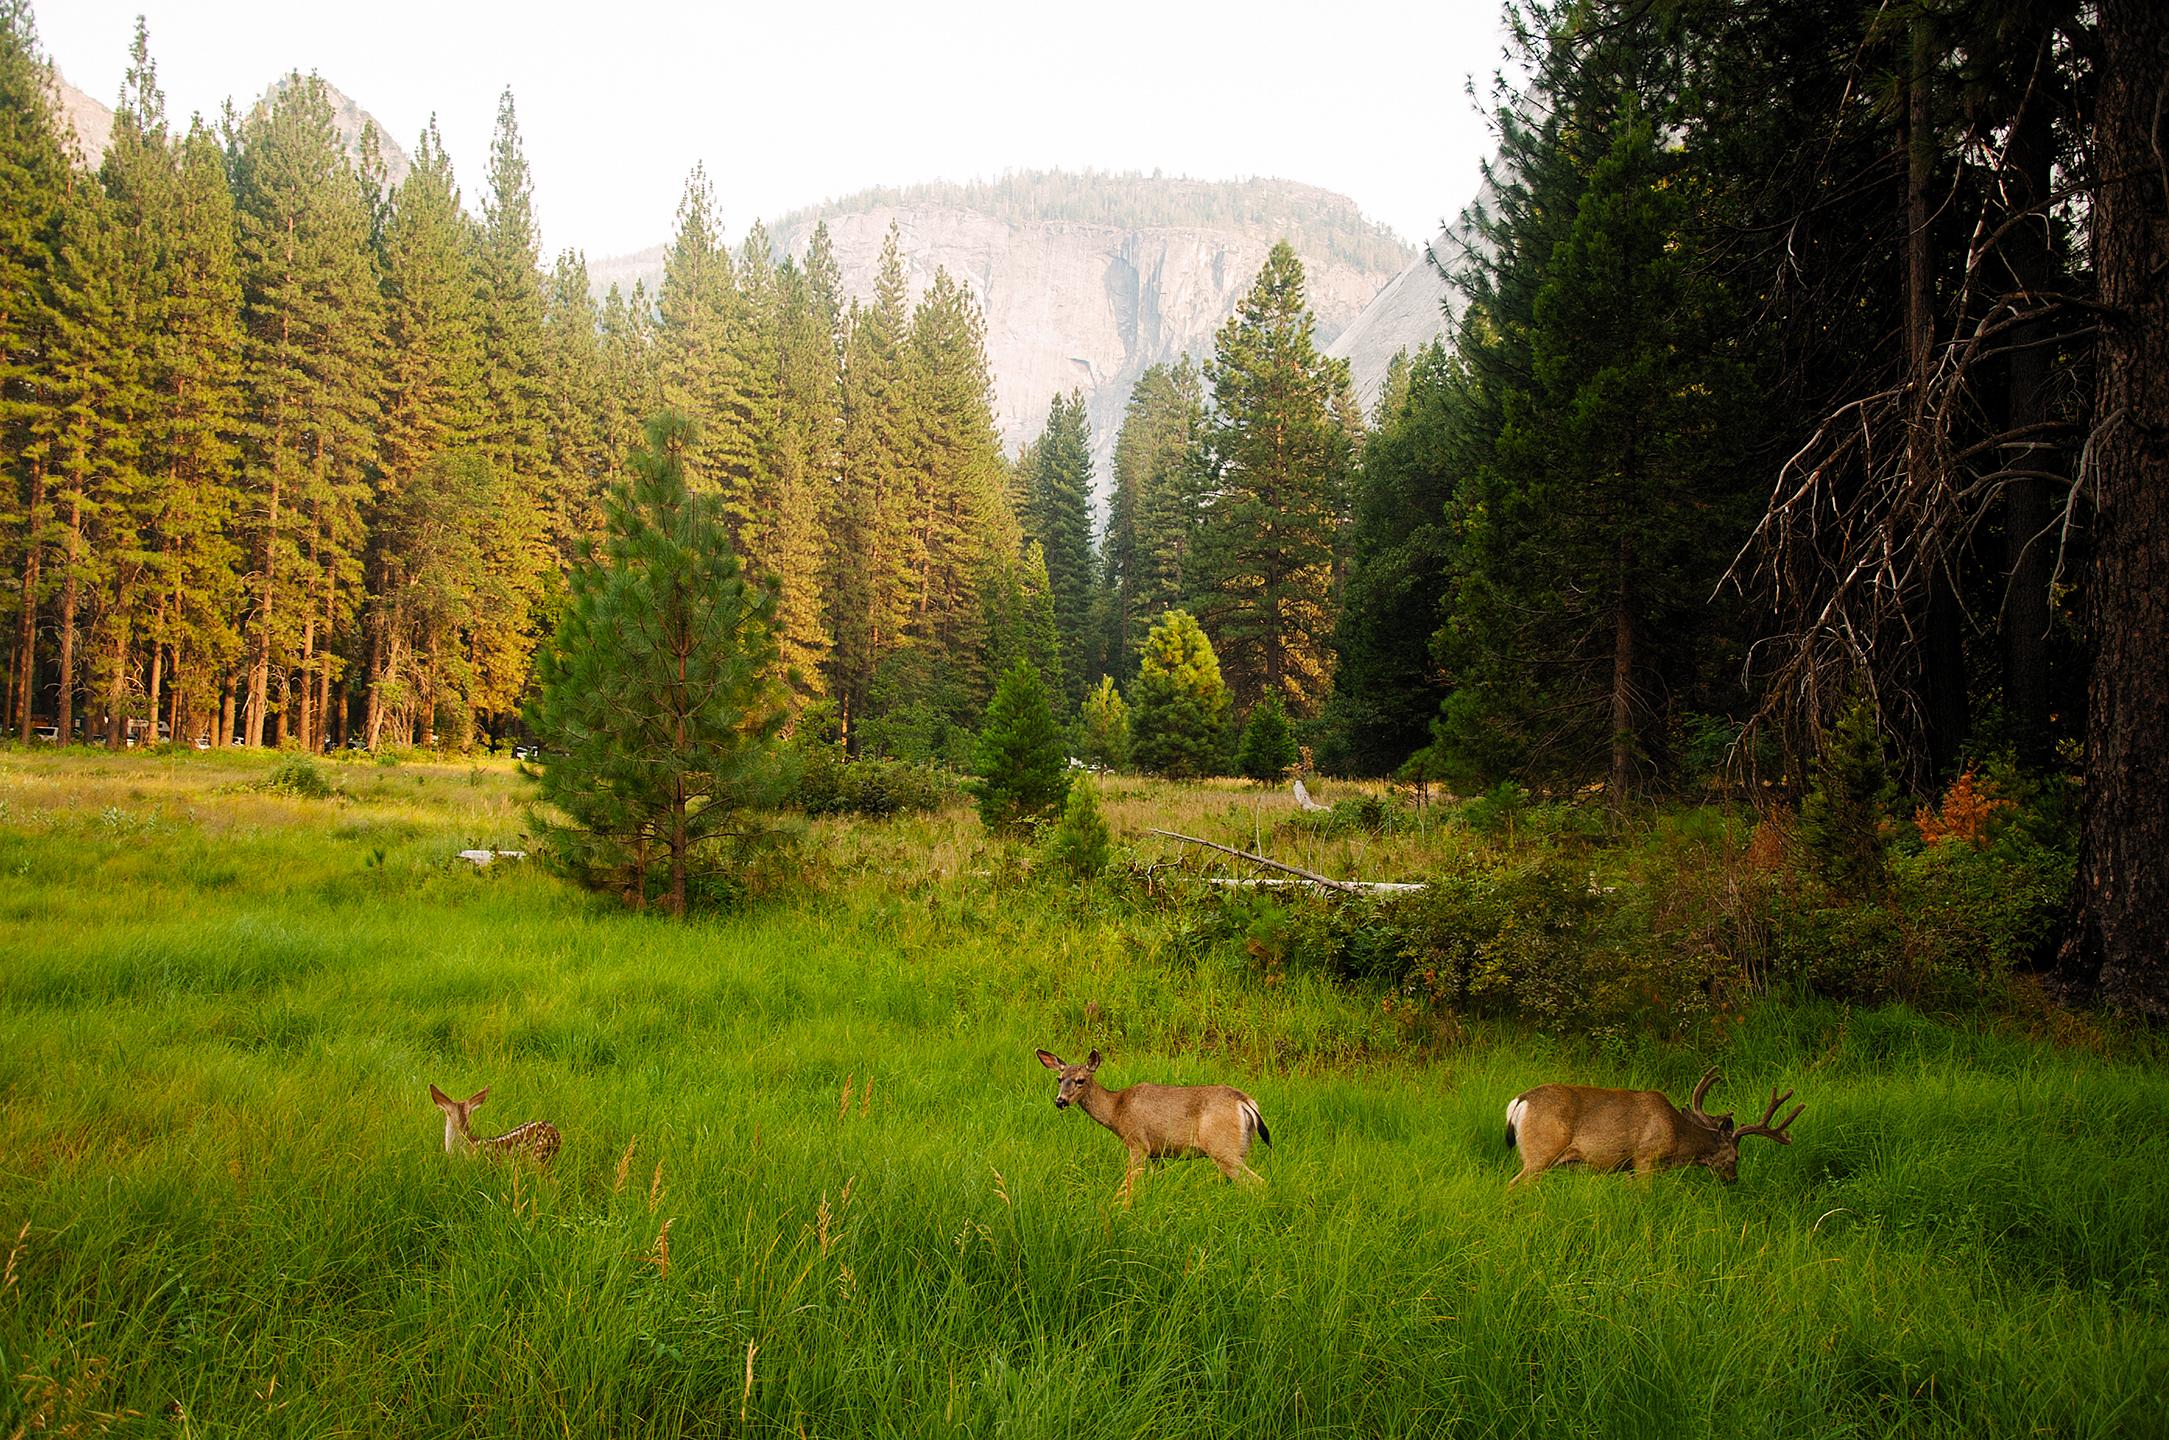 Deer in Yosemite Valley, Yosemite National Park, CA